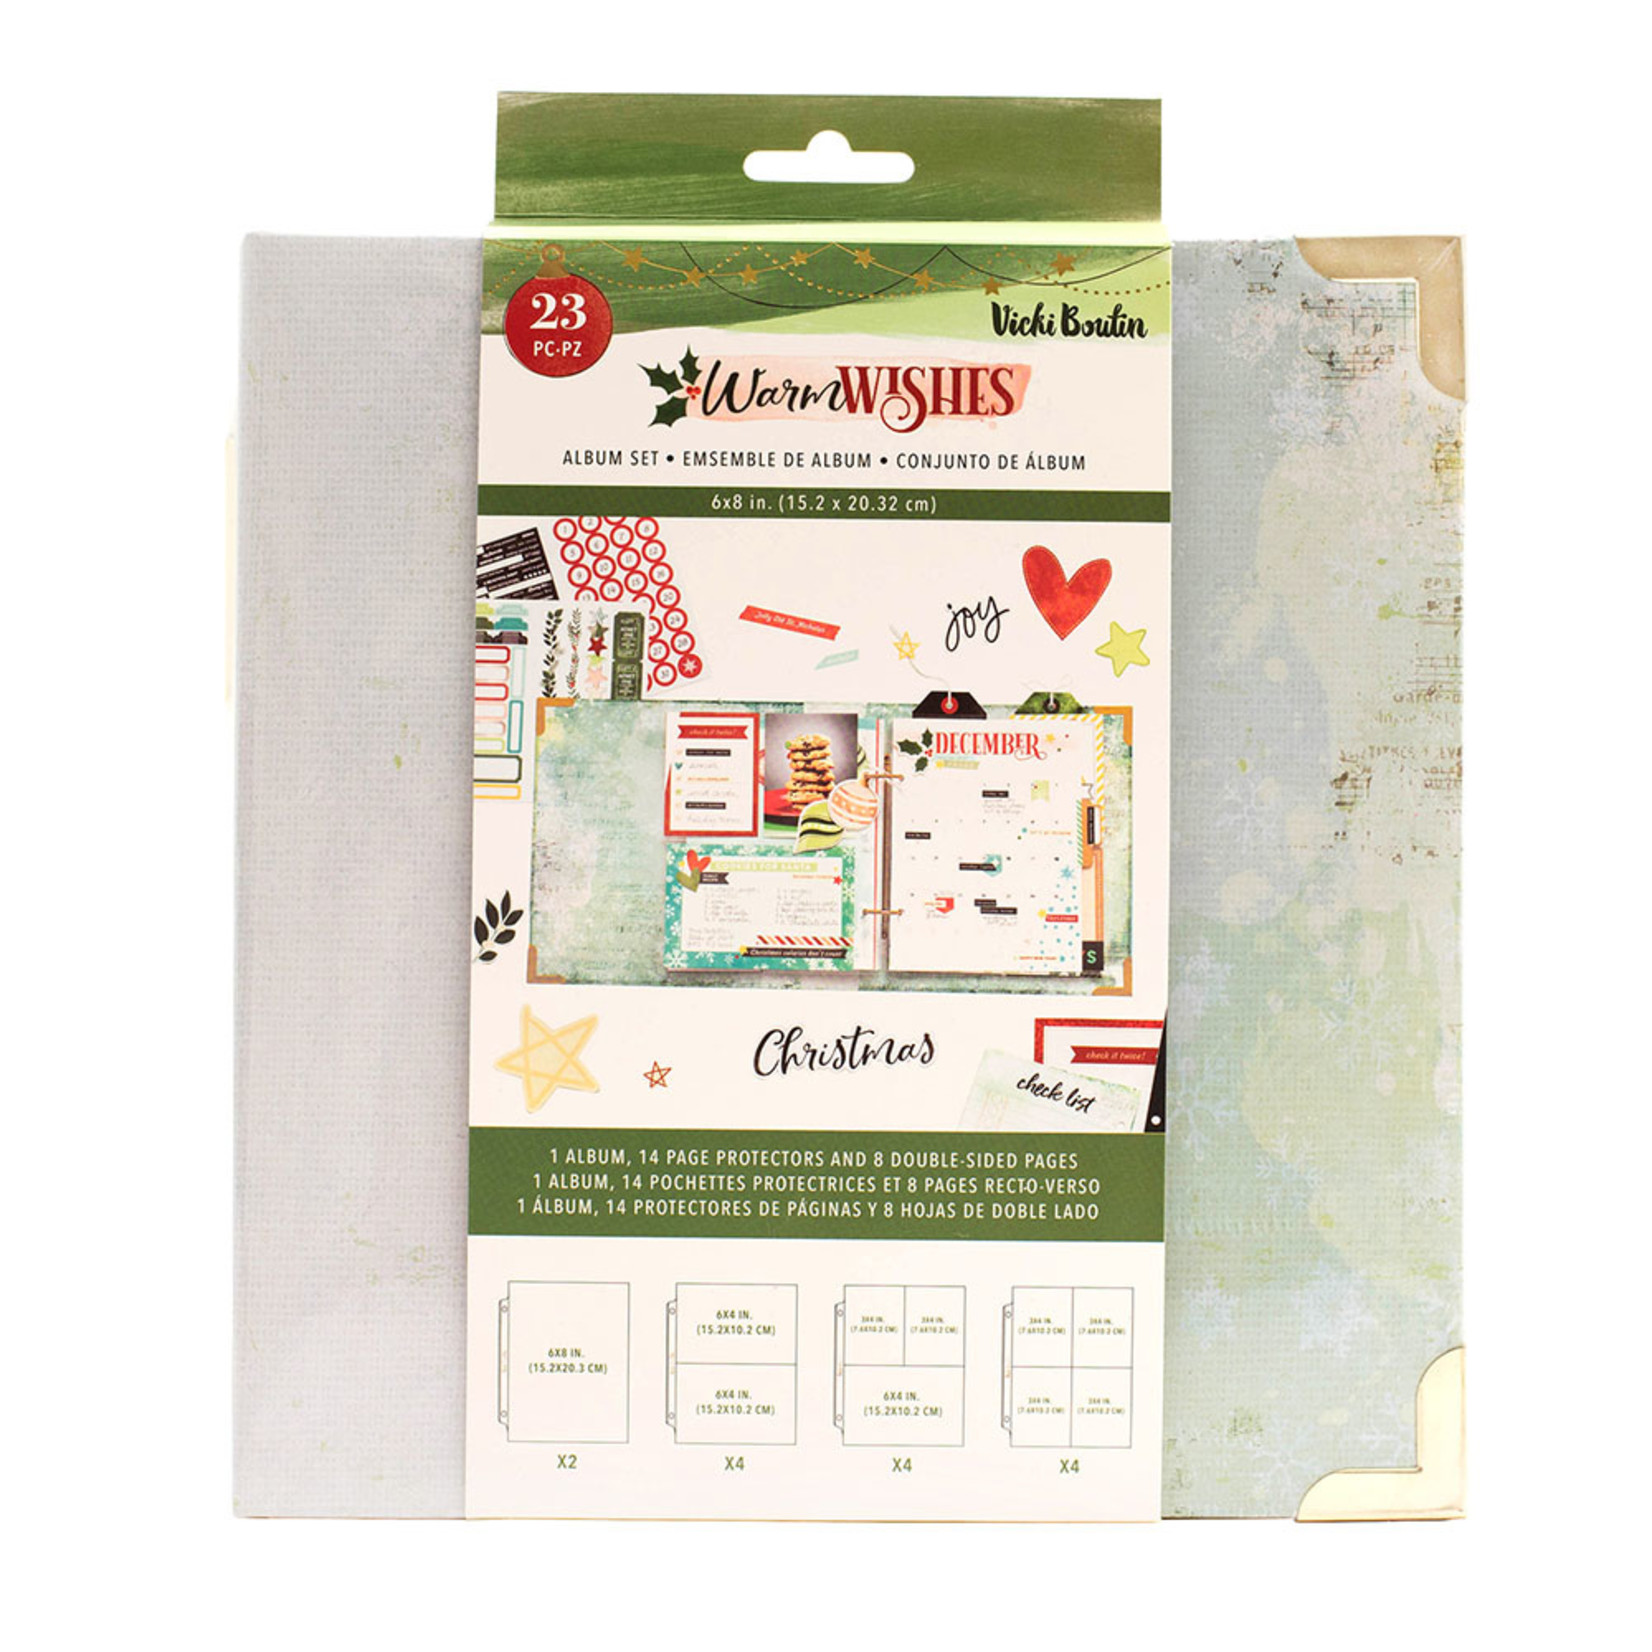 Vicki Boutin Vicki Boutin - Warm Wishes Collection - Christmas - 6 x 8 Album Set